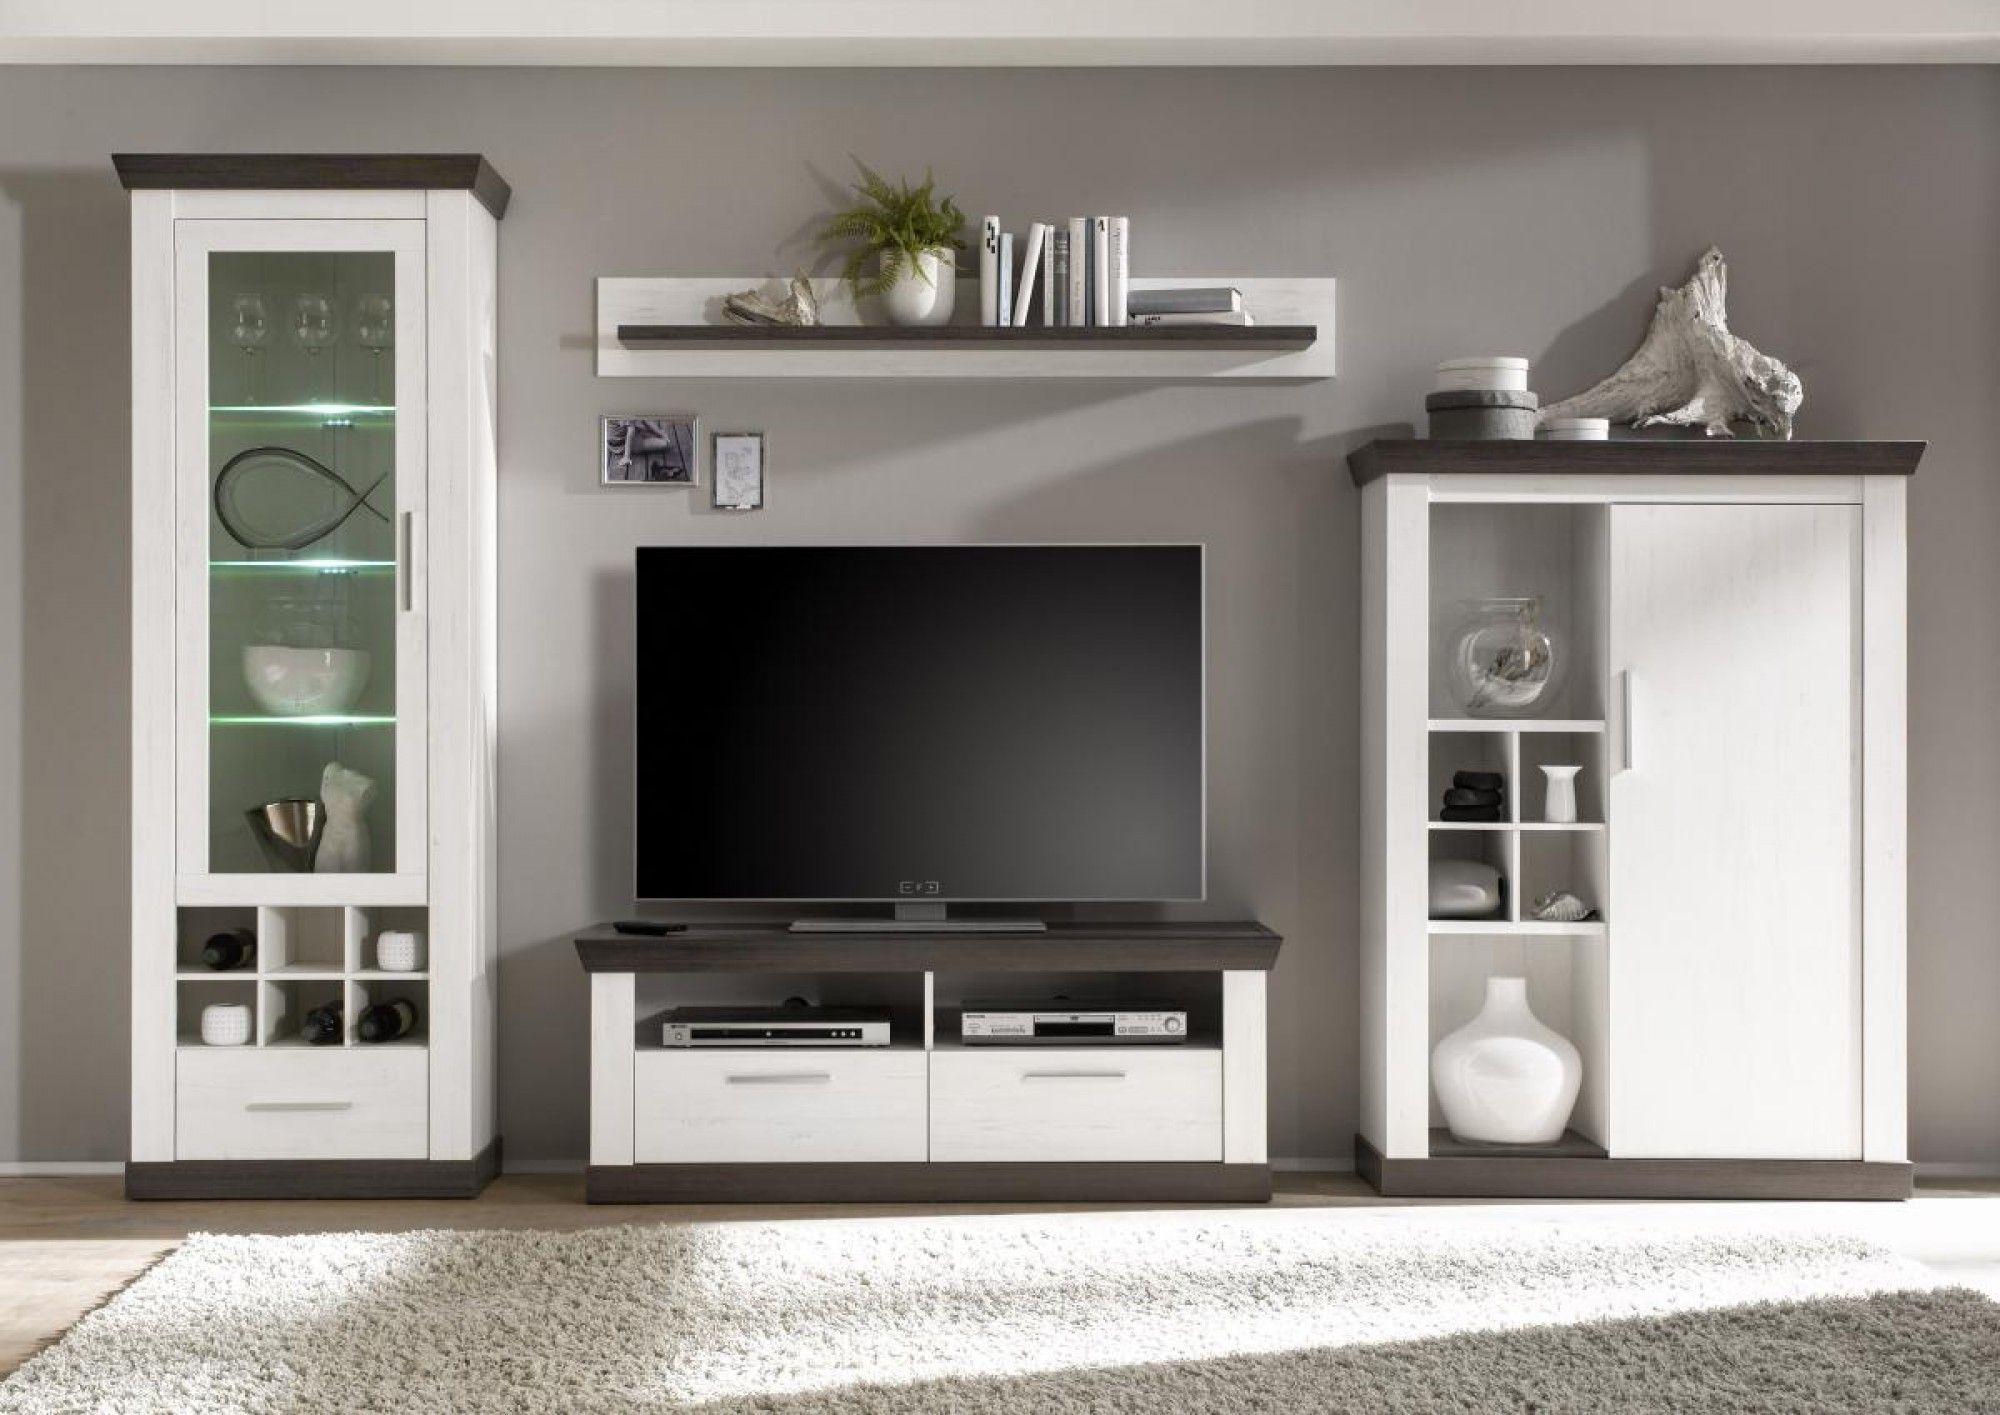 wohnwand siena in 2019 einrichtungsideen tv m bel landhaus schrankwand und m bel. Black Bedroom Furniture Sets. Home Design Ideas